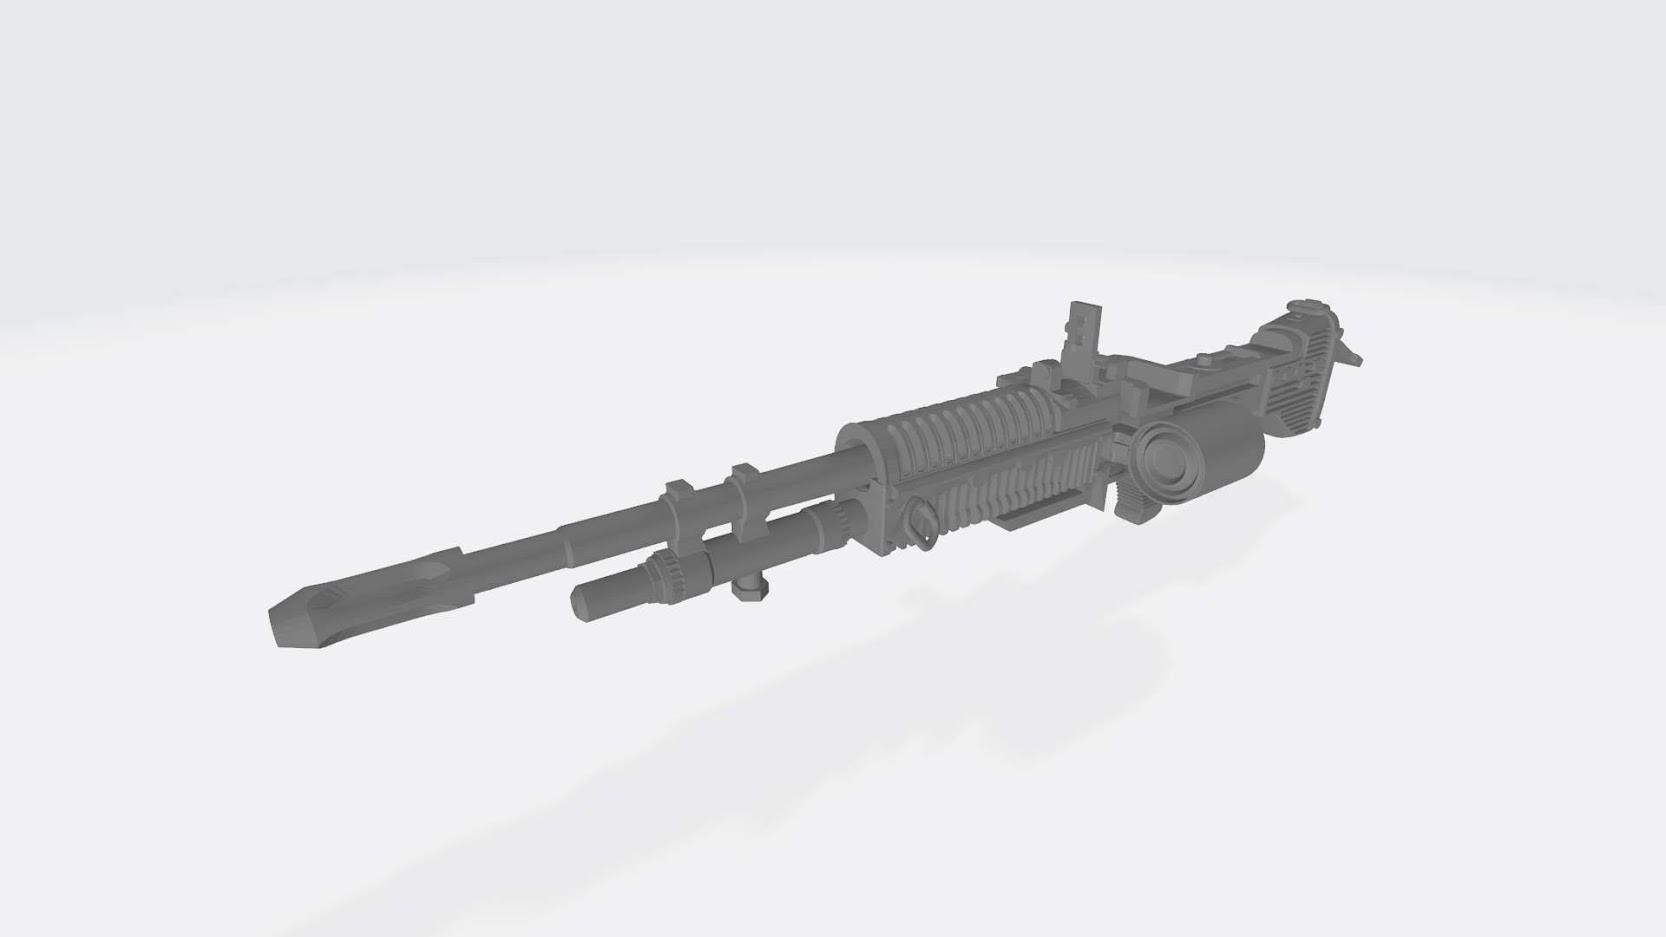 kYVT-GBRVg9B58VigpDi-1pkEvpSyEGukKgk4DE0